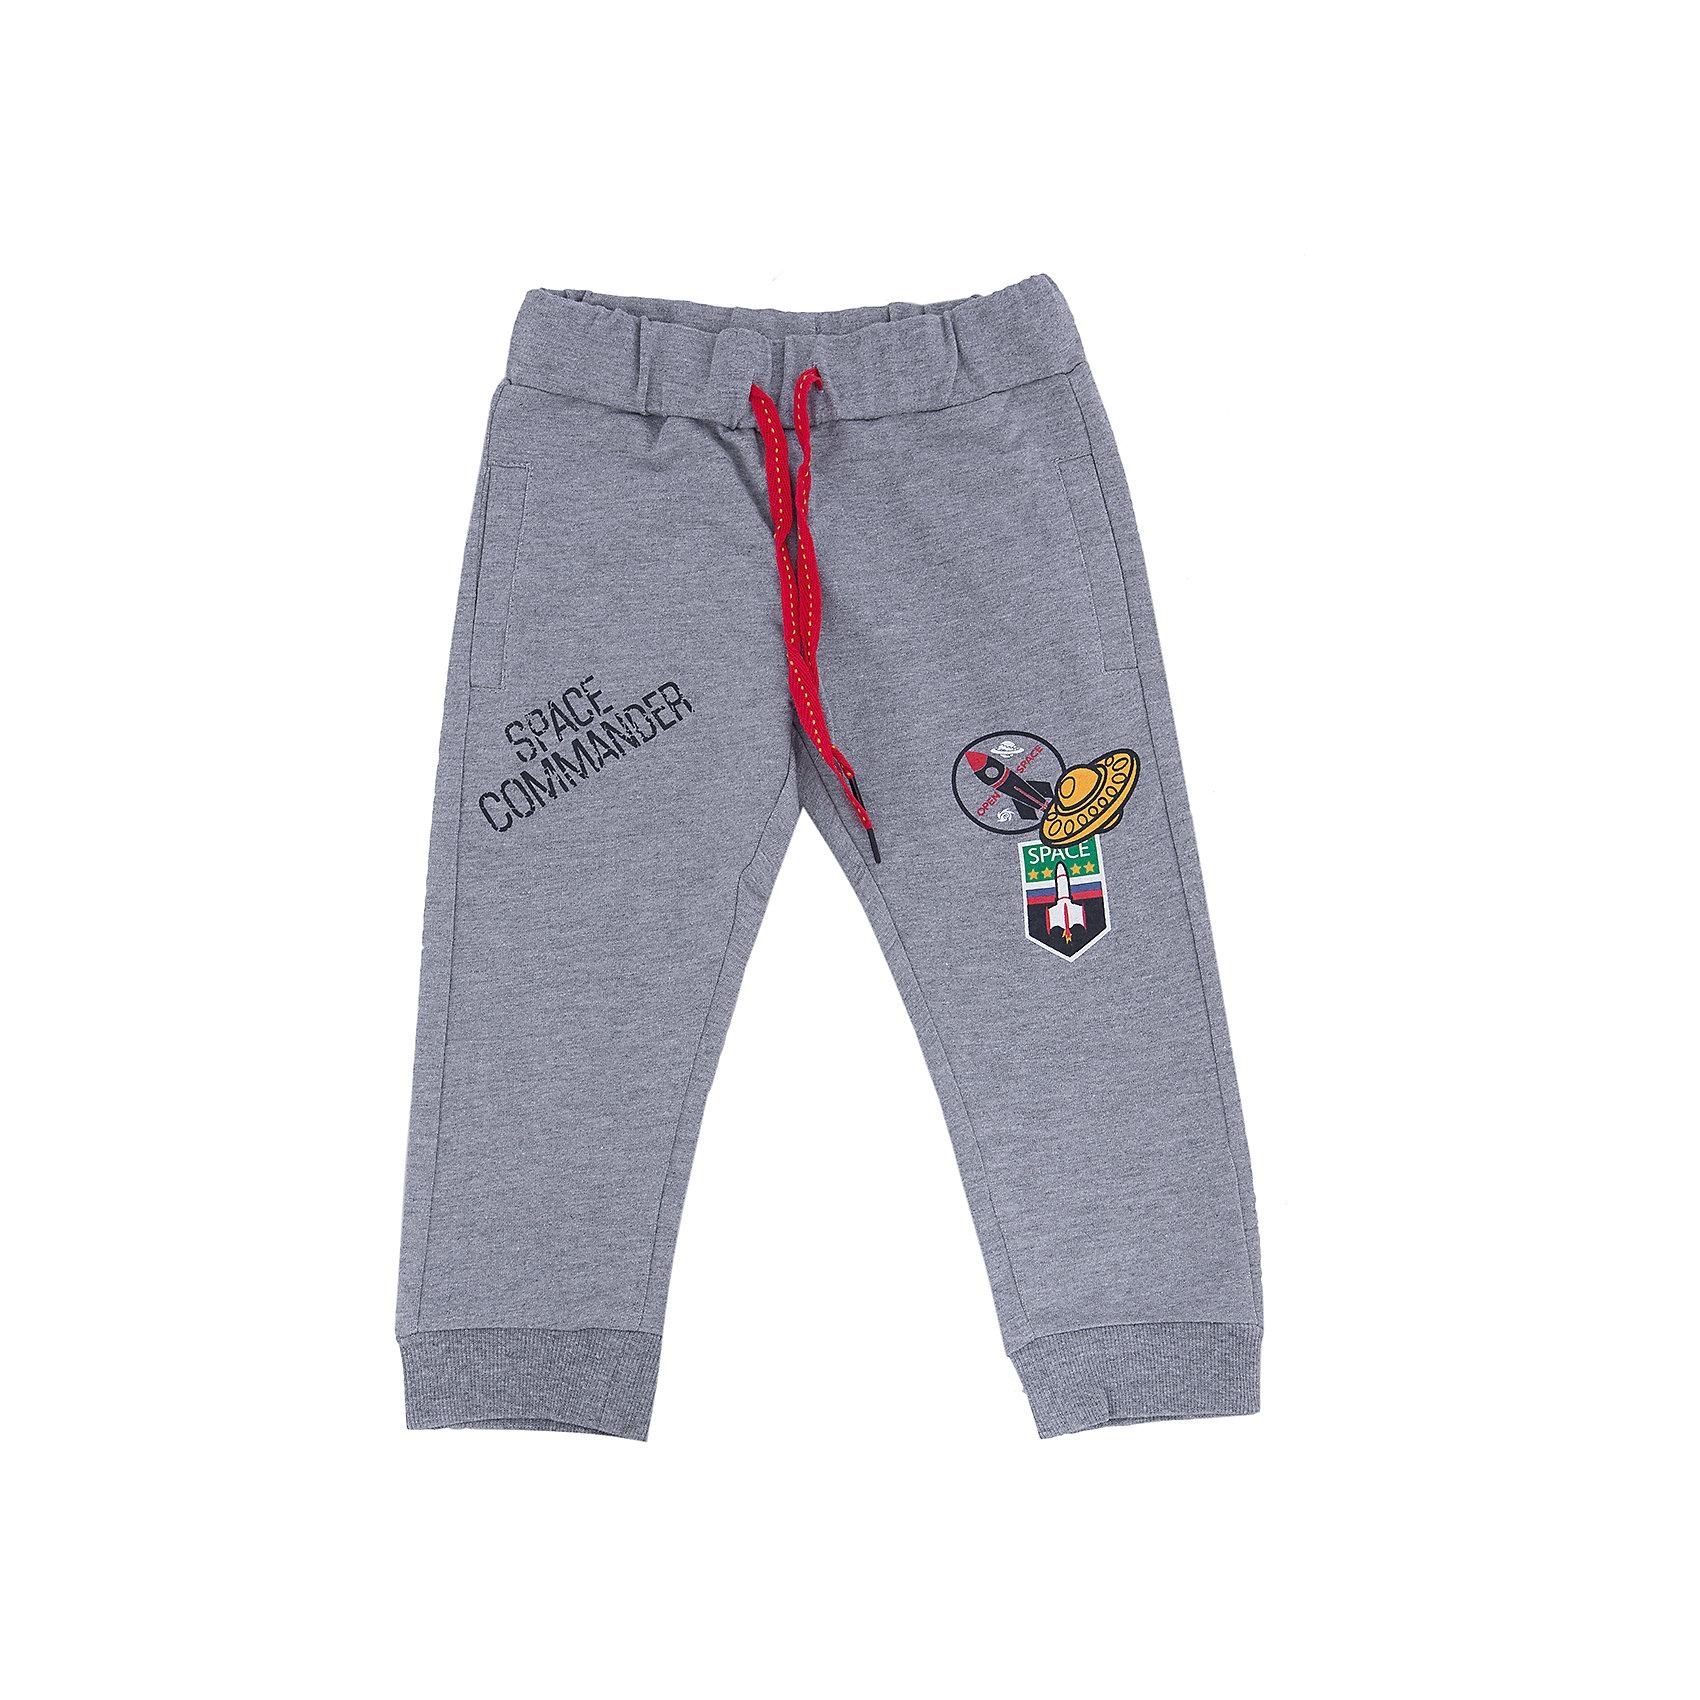 Брюки для мальчика SELAСпортивные брюки - незаменимая вещь в детском гардеробе. Эта модель отлично сидит на ребенке, она сшита из лекгкого материала, который обеспечивает ребенку комфорт. Модель станет отличной базовой вещью, которая будет уместна в различных сочетаниях.<br>Одежда от бренда Sela (Села) - это качество по приемлемым ценам. Многие российские родители уже оценили преимущества продукции этой компании и всё чаще приобретают одежду и аксессуары Sela.<br><br>Дополнительная информация:<br><br>материал: 100% хлопок;<br>удобная посадка;<br>резинка и шнурок в поясе.<br><br>Брюки для мальчика от бренда Sela можно купить в нашем интернет-магазине.<br><br>Ширина мм: 215<br>Глубина мм: 88<br>Высота мм: 191<br>Вес г: 336<br>Цвет: серый<br>Возраст от месяцев: 60<br>Возраст до месяцев: 72<br>Пол: Мужской<br>Возраст: Детский<br>Размер: 116,92,110,104,98<br>SKU: 4883639